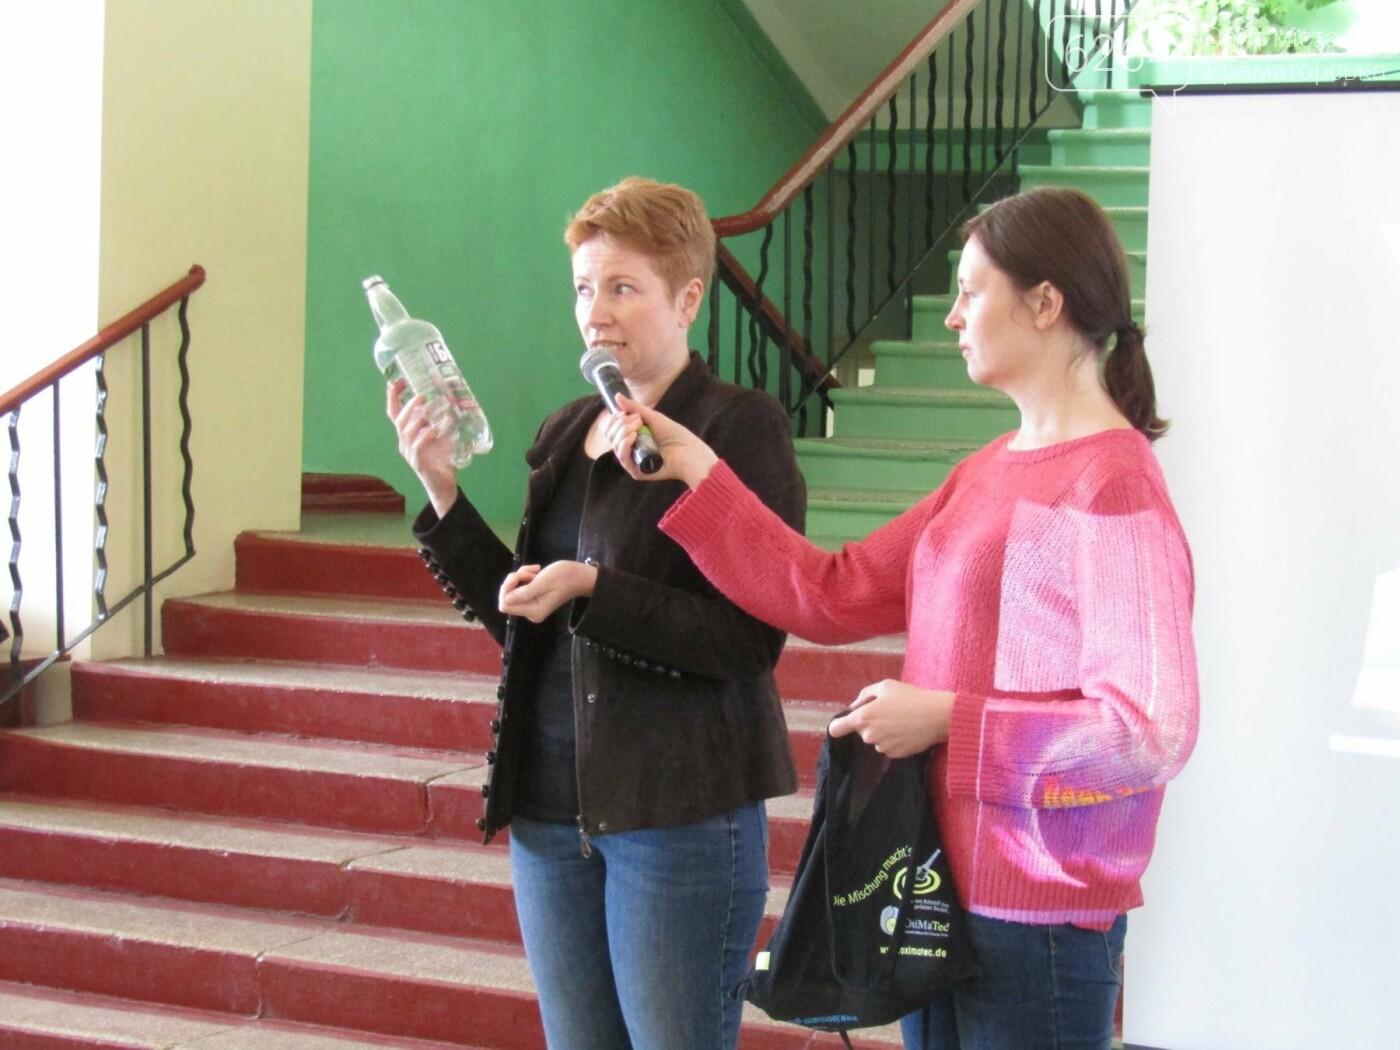 ОШ №24 Краматорска стала первой в городе, где школьники перешли на раздельный сбор отходов, фото-5